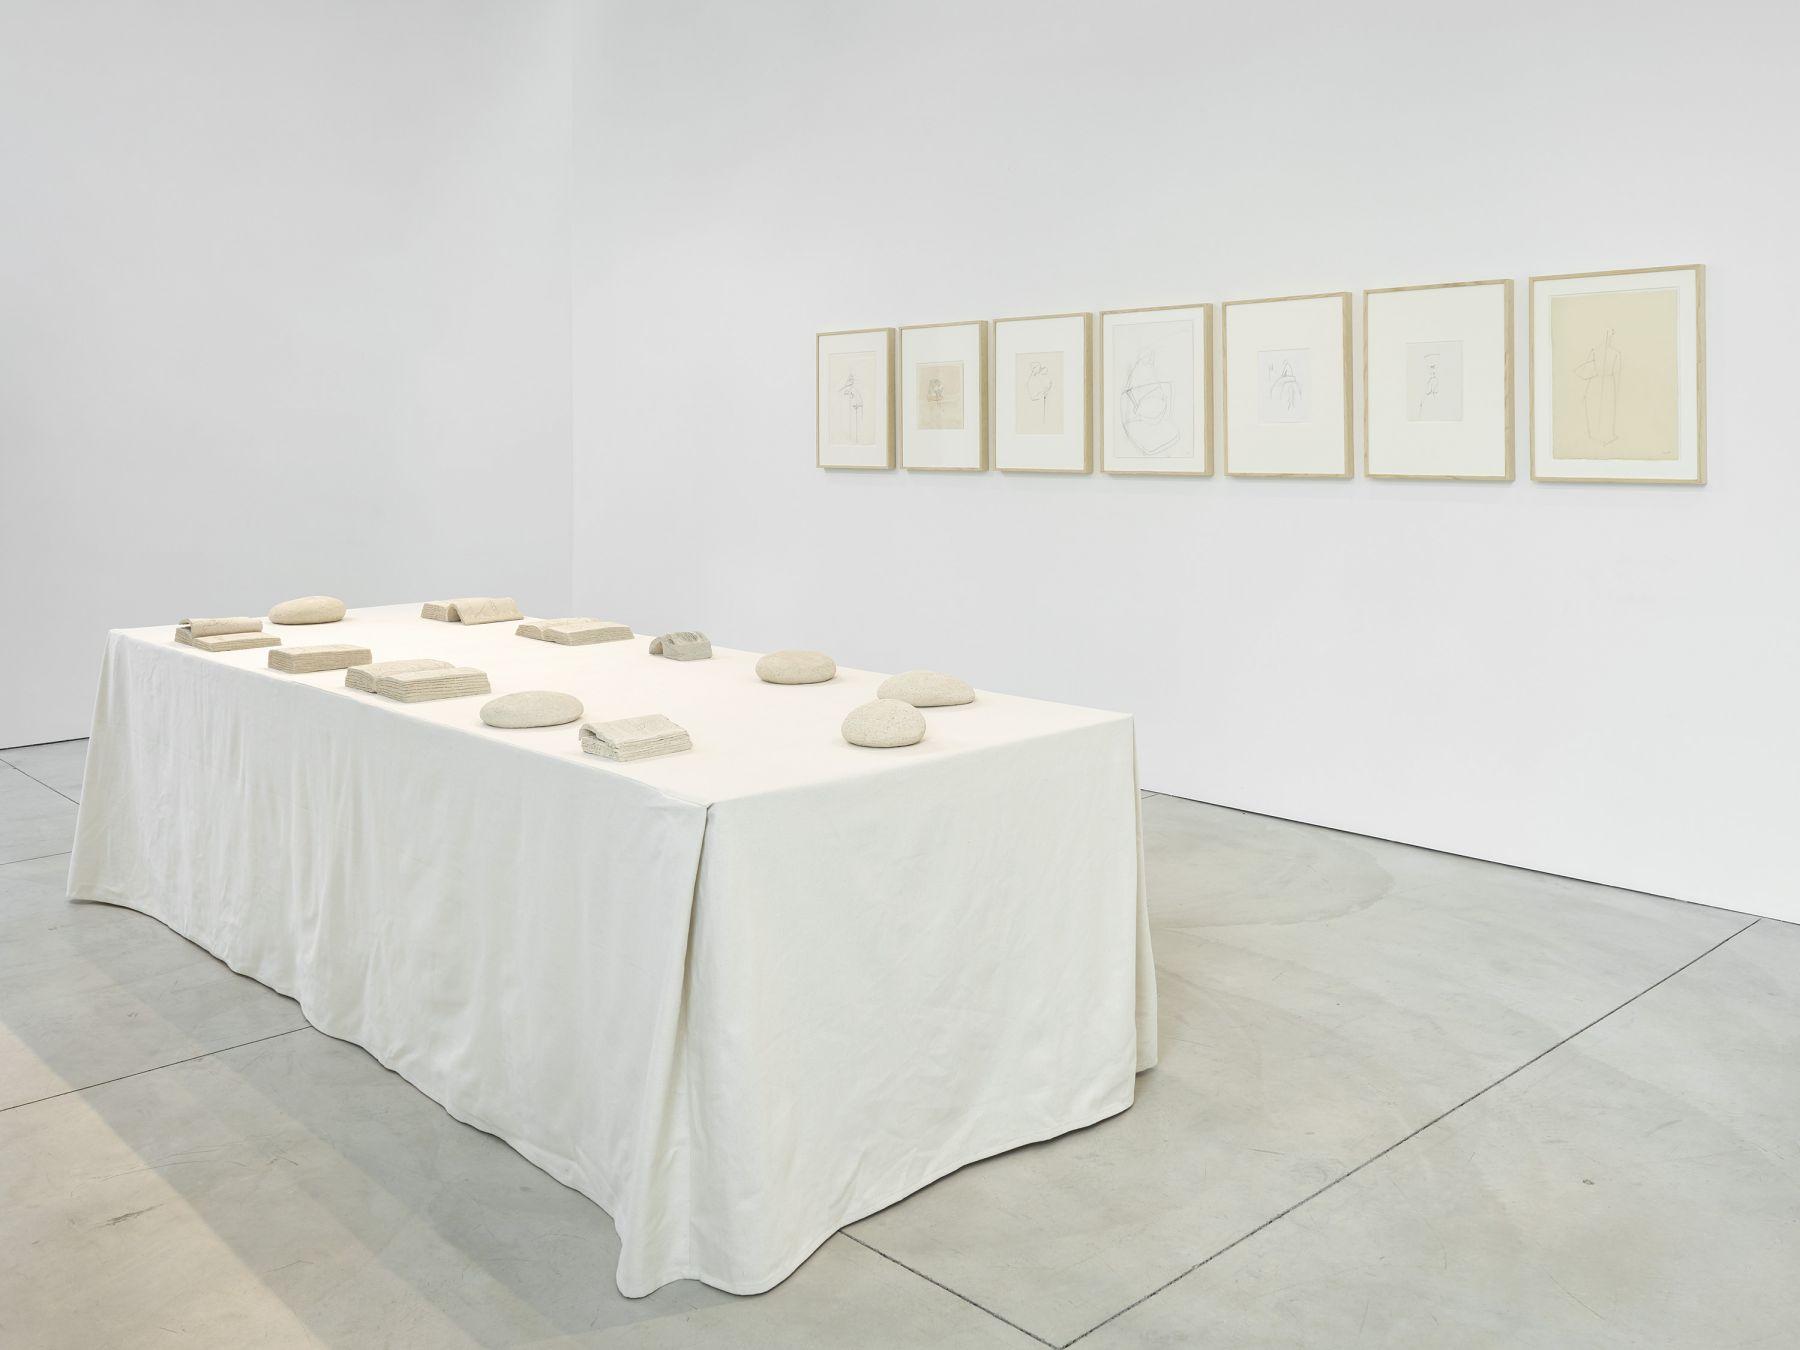 Invito a Tavola (Installation View), Boesky West, 2018